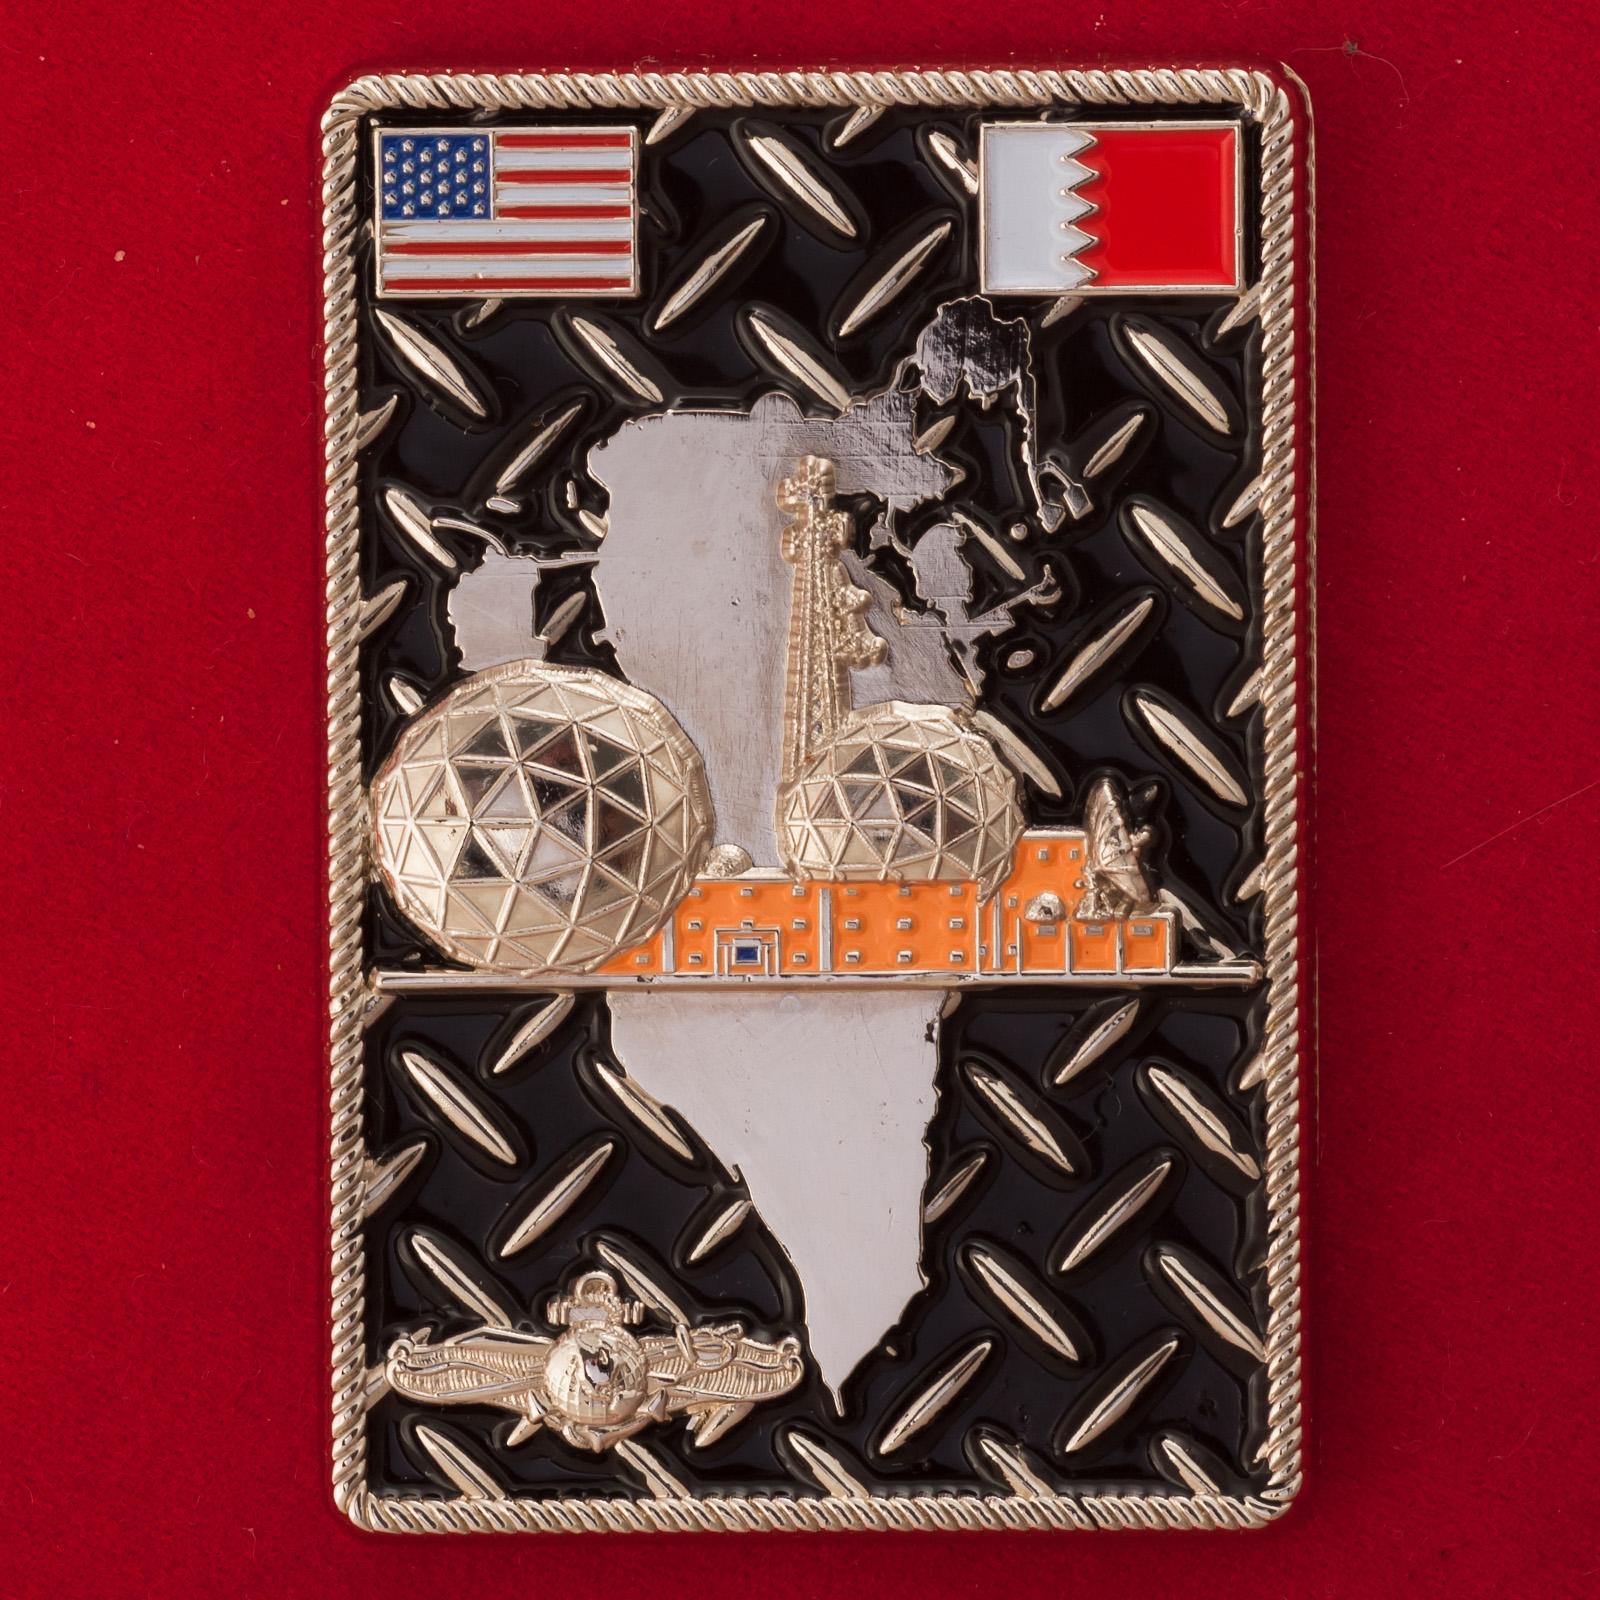 Челлендж коин командного состава Морской компьютерной и навигационной станции связи ВМС США в Бахрейне